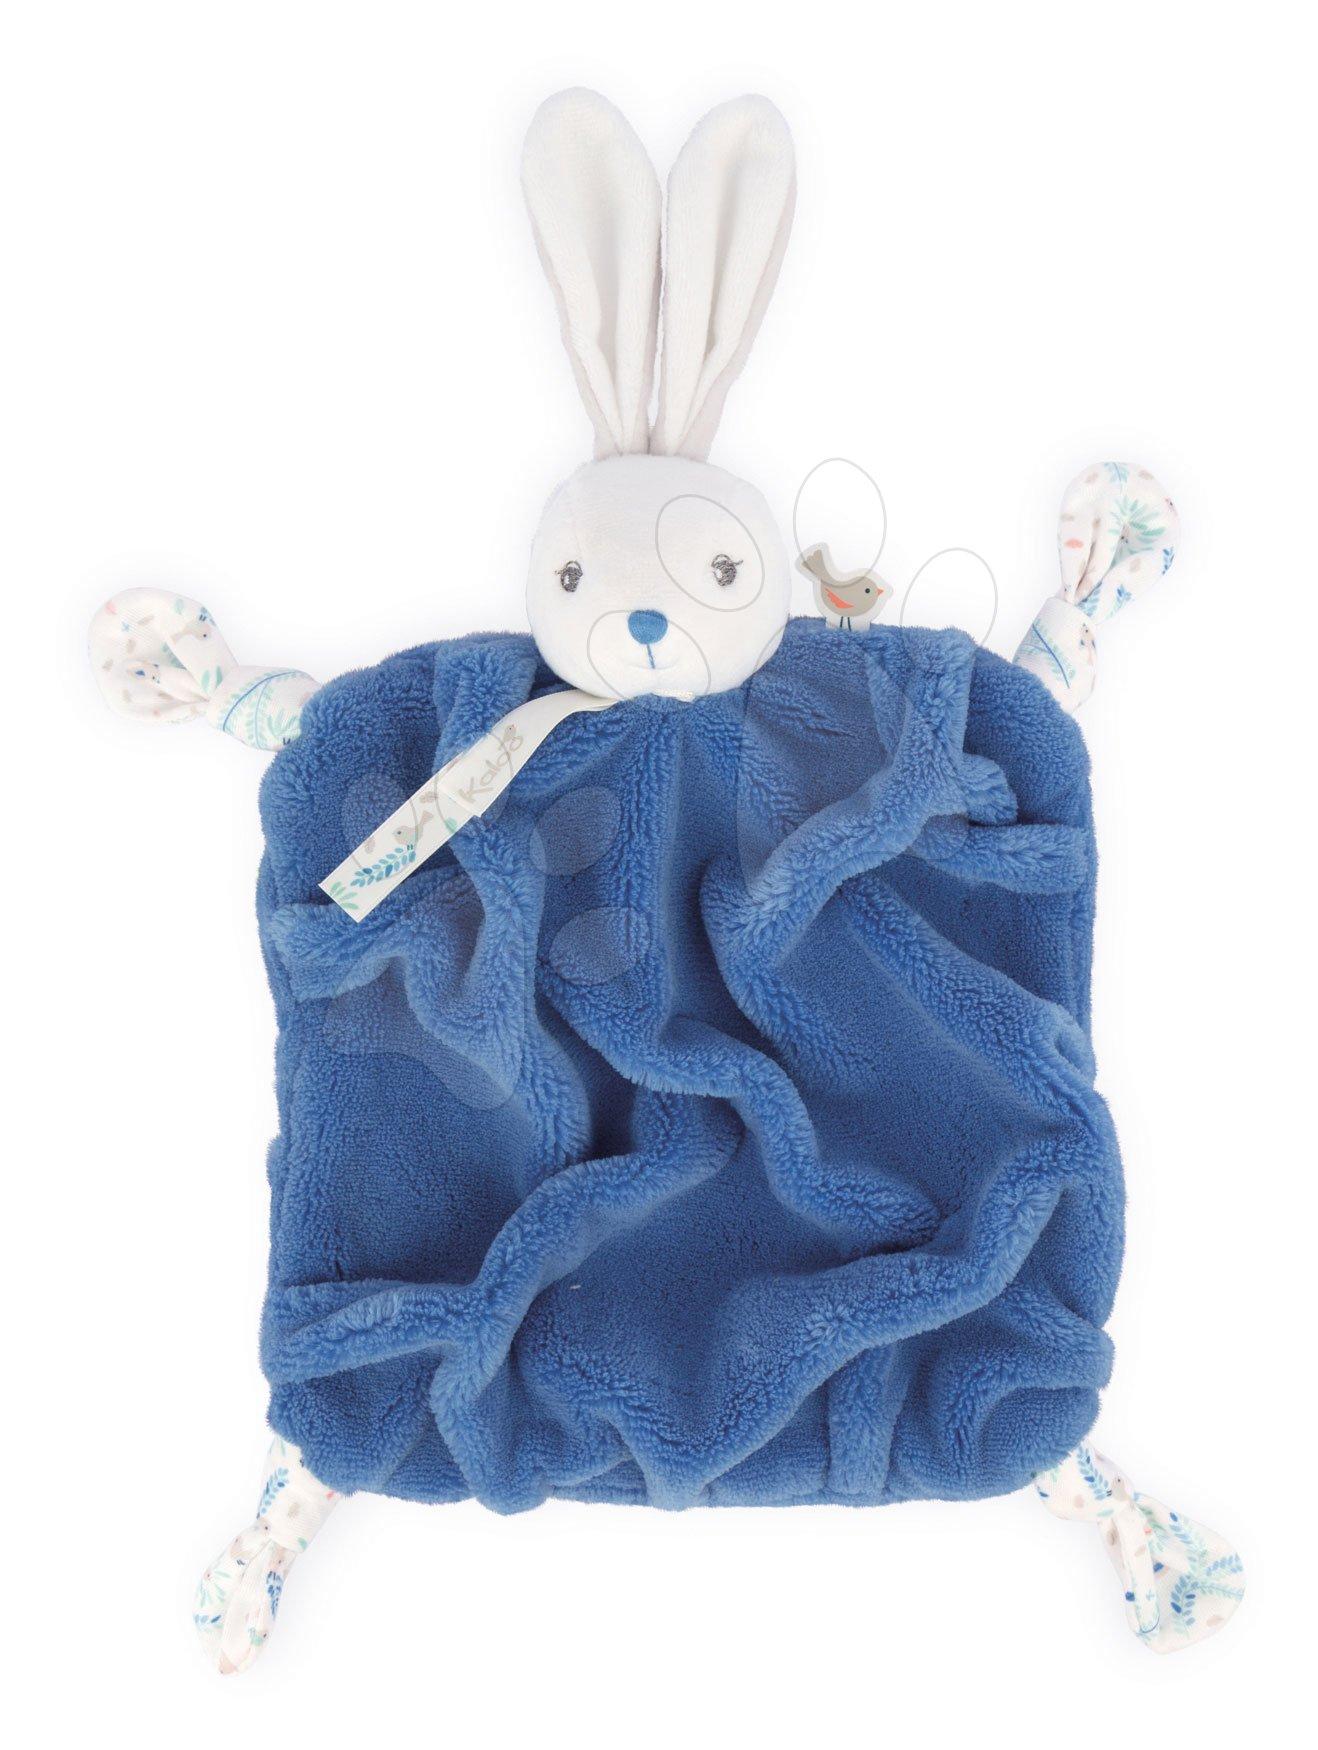 Plyšový zajačik maznáčik Plume Doudou Rabbit Ocean Blue Kaloo modrý 20 cm pre bábätká v darčekovom balení od 0 mes